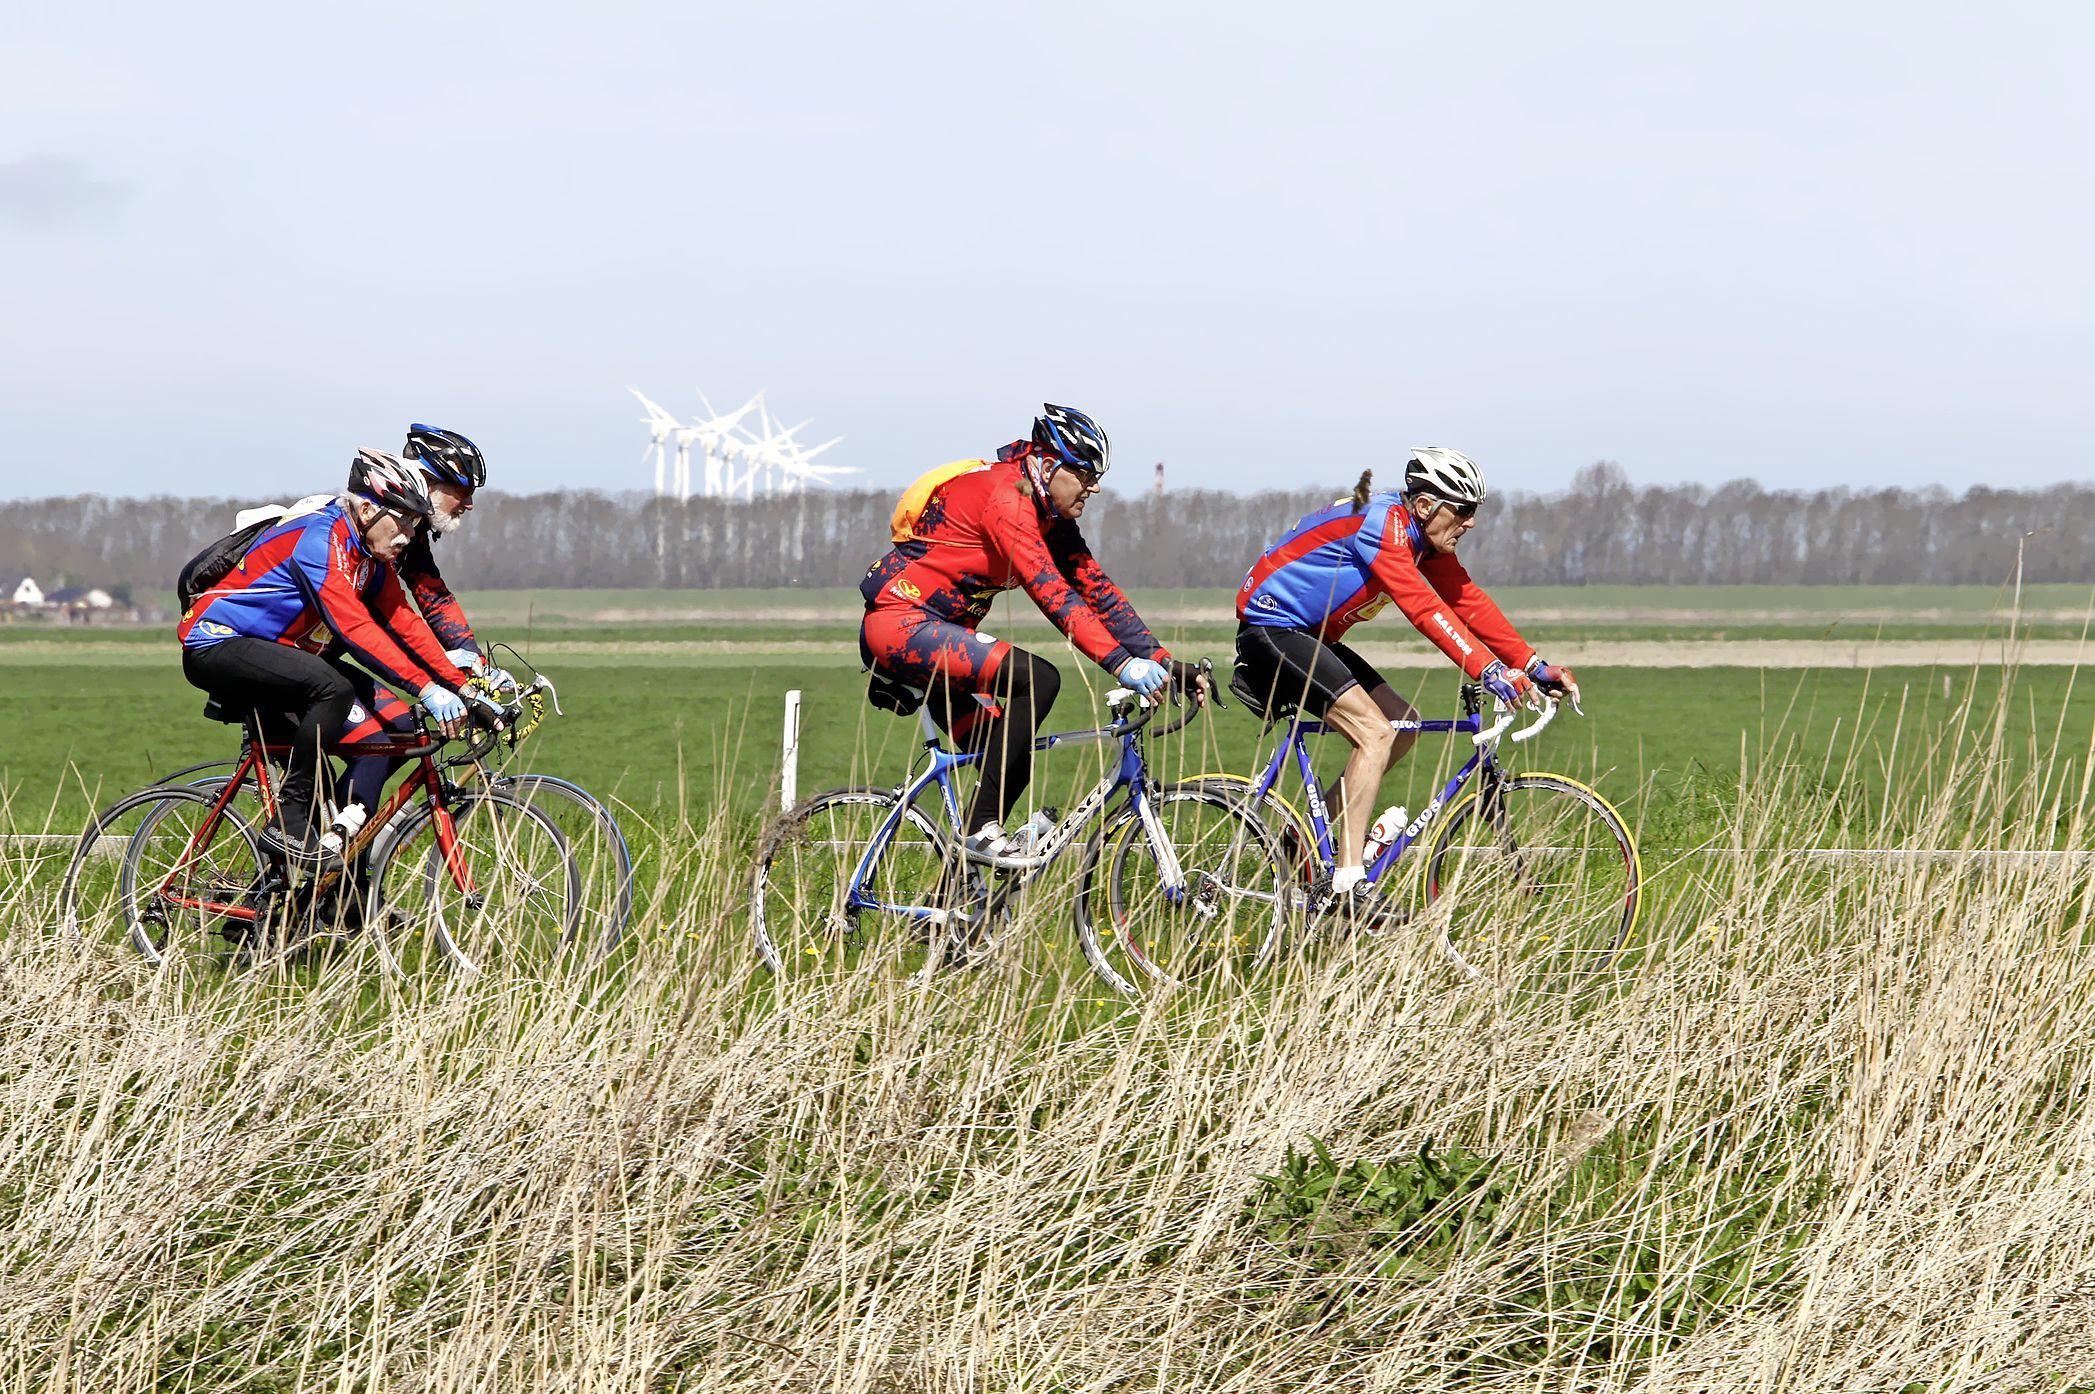 Monstertocht: 300 kilometer op de fiets van Purmerend naar Gorinchem tijdens de Hollandse Waterlinies Fietstour. Er zijn ook kortere routes uitgezet